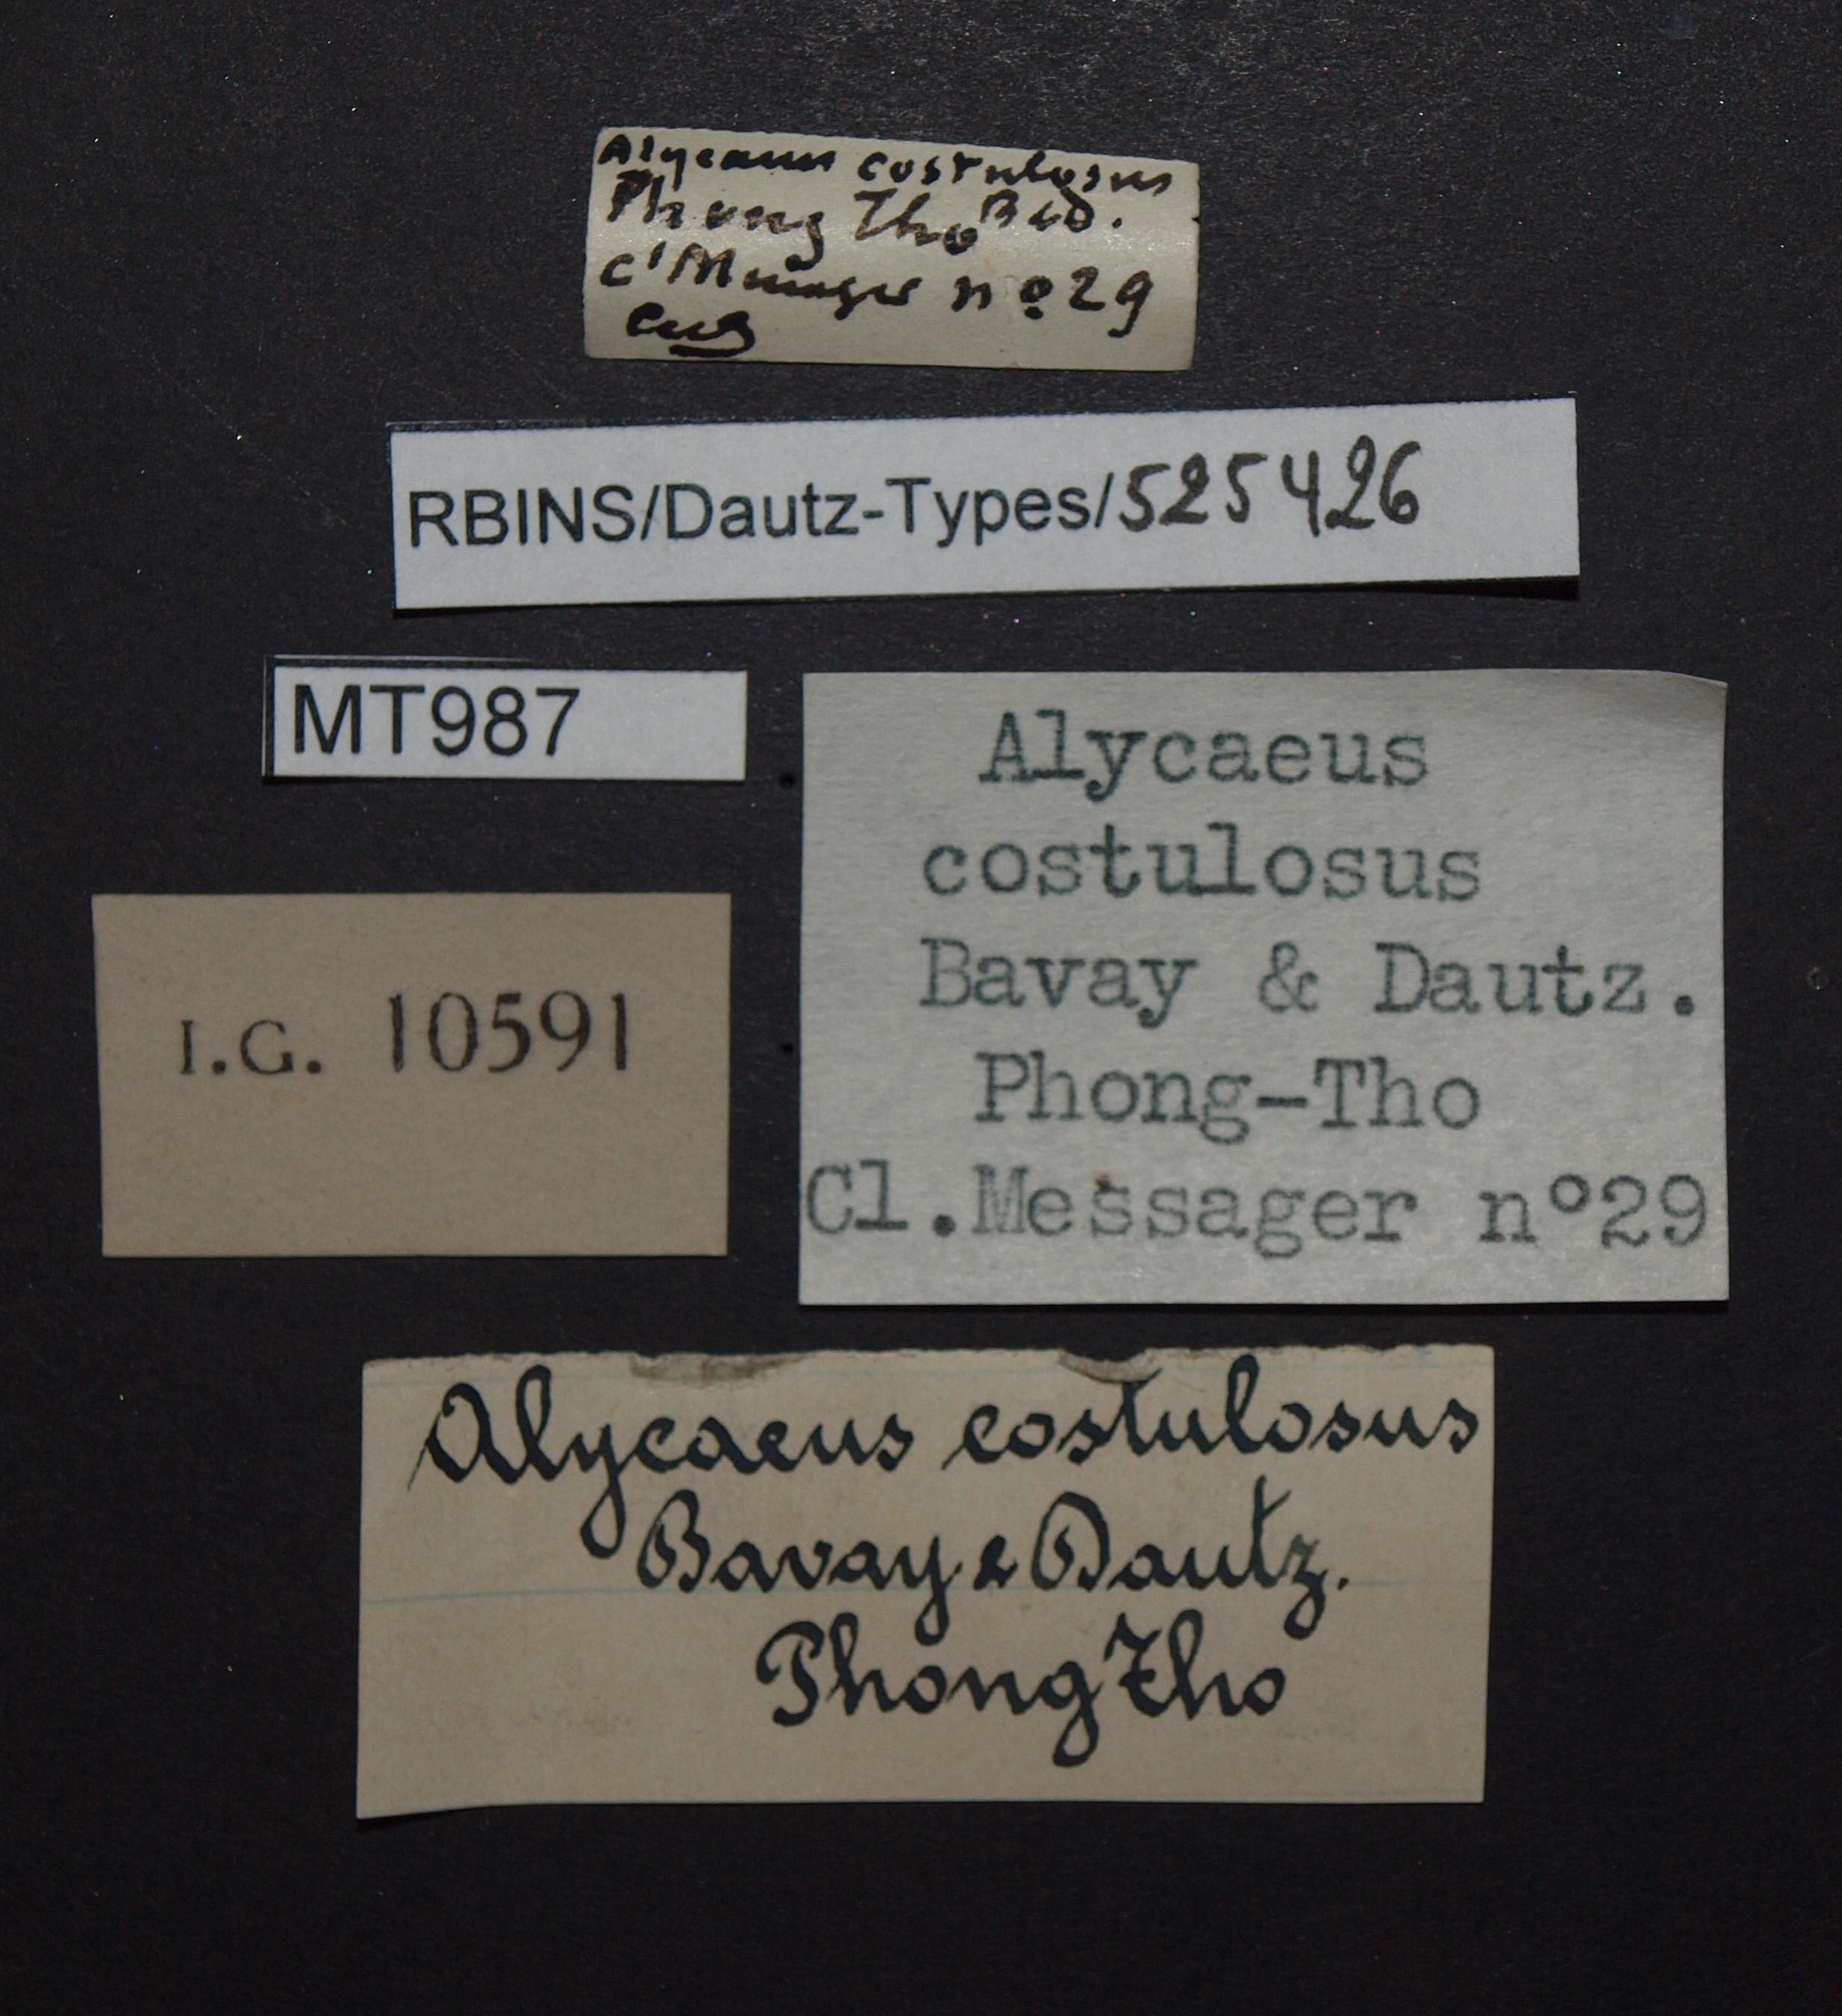 BE-RBINS-INV MT 987 Alycaeus costulosus pt Lb.JPG